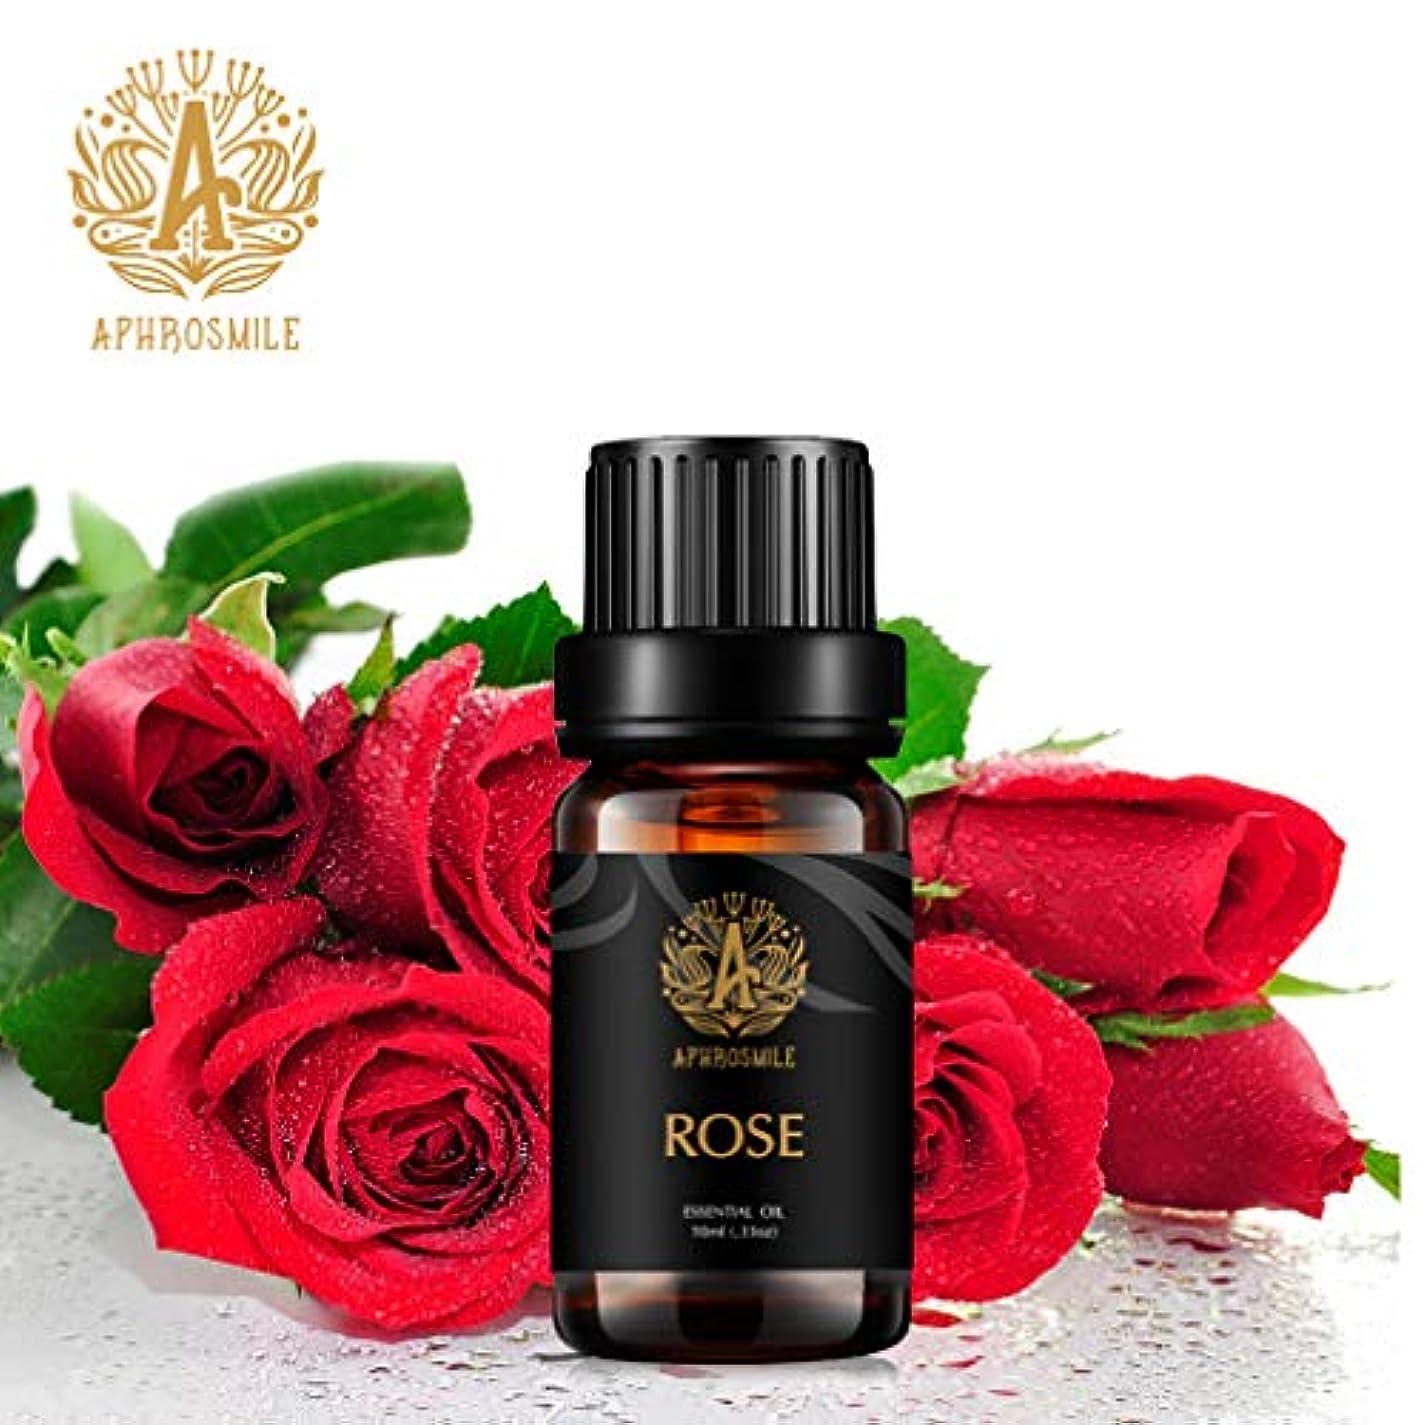 パックフィクションパケットローズエッセンシャルオイル、100%ピュアアロマセラピーエッセンシャルオイルローズの香り、肌に栄養を与え、治療用グレードエッセンシャルオイルローズの香り、為にディフューザー、マッサージ、加湿器、デイリーケア、0.33オンス...